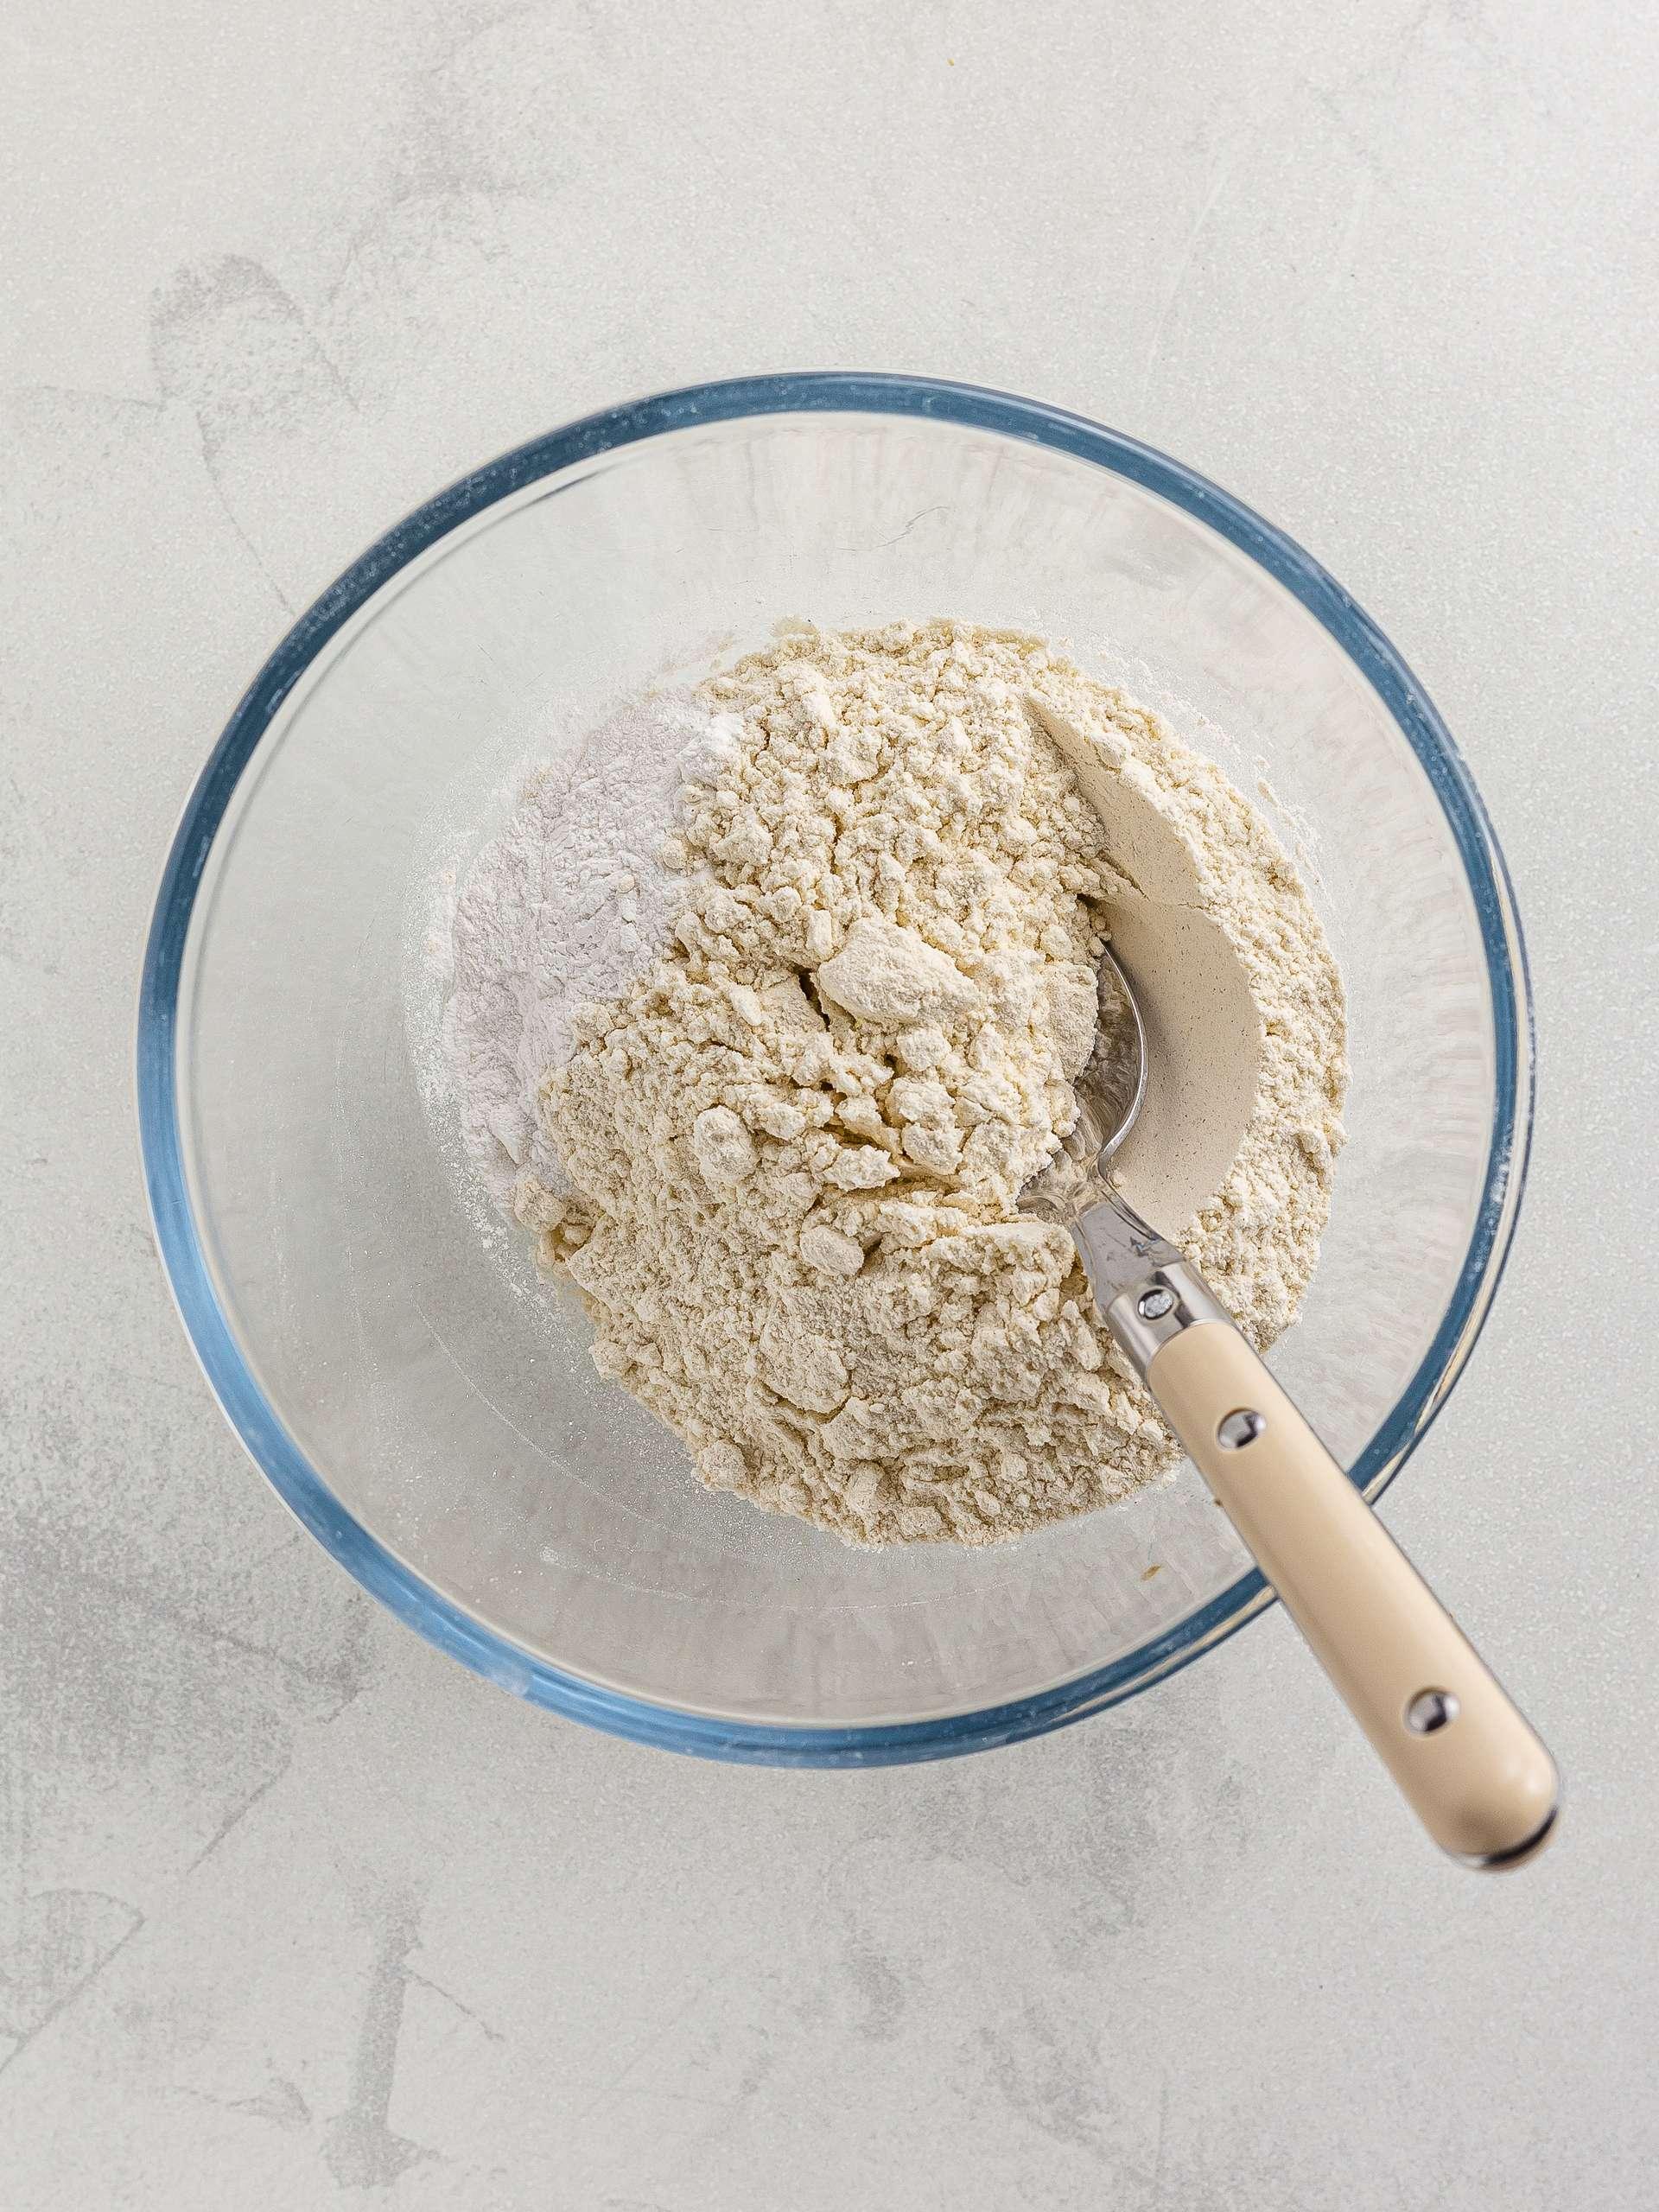 flour with baking powder